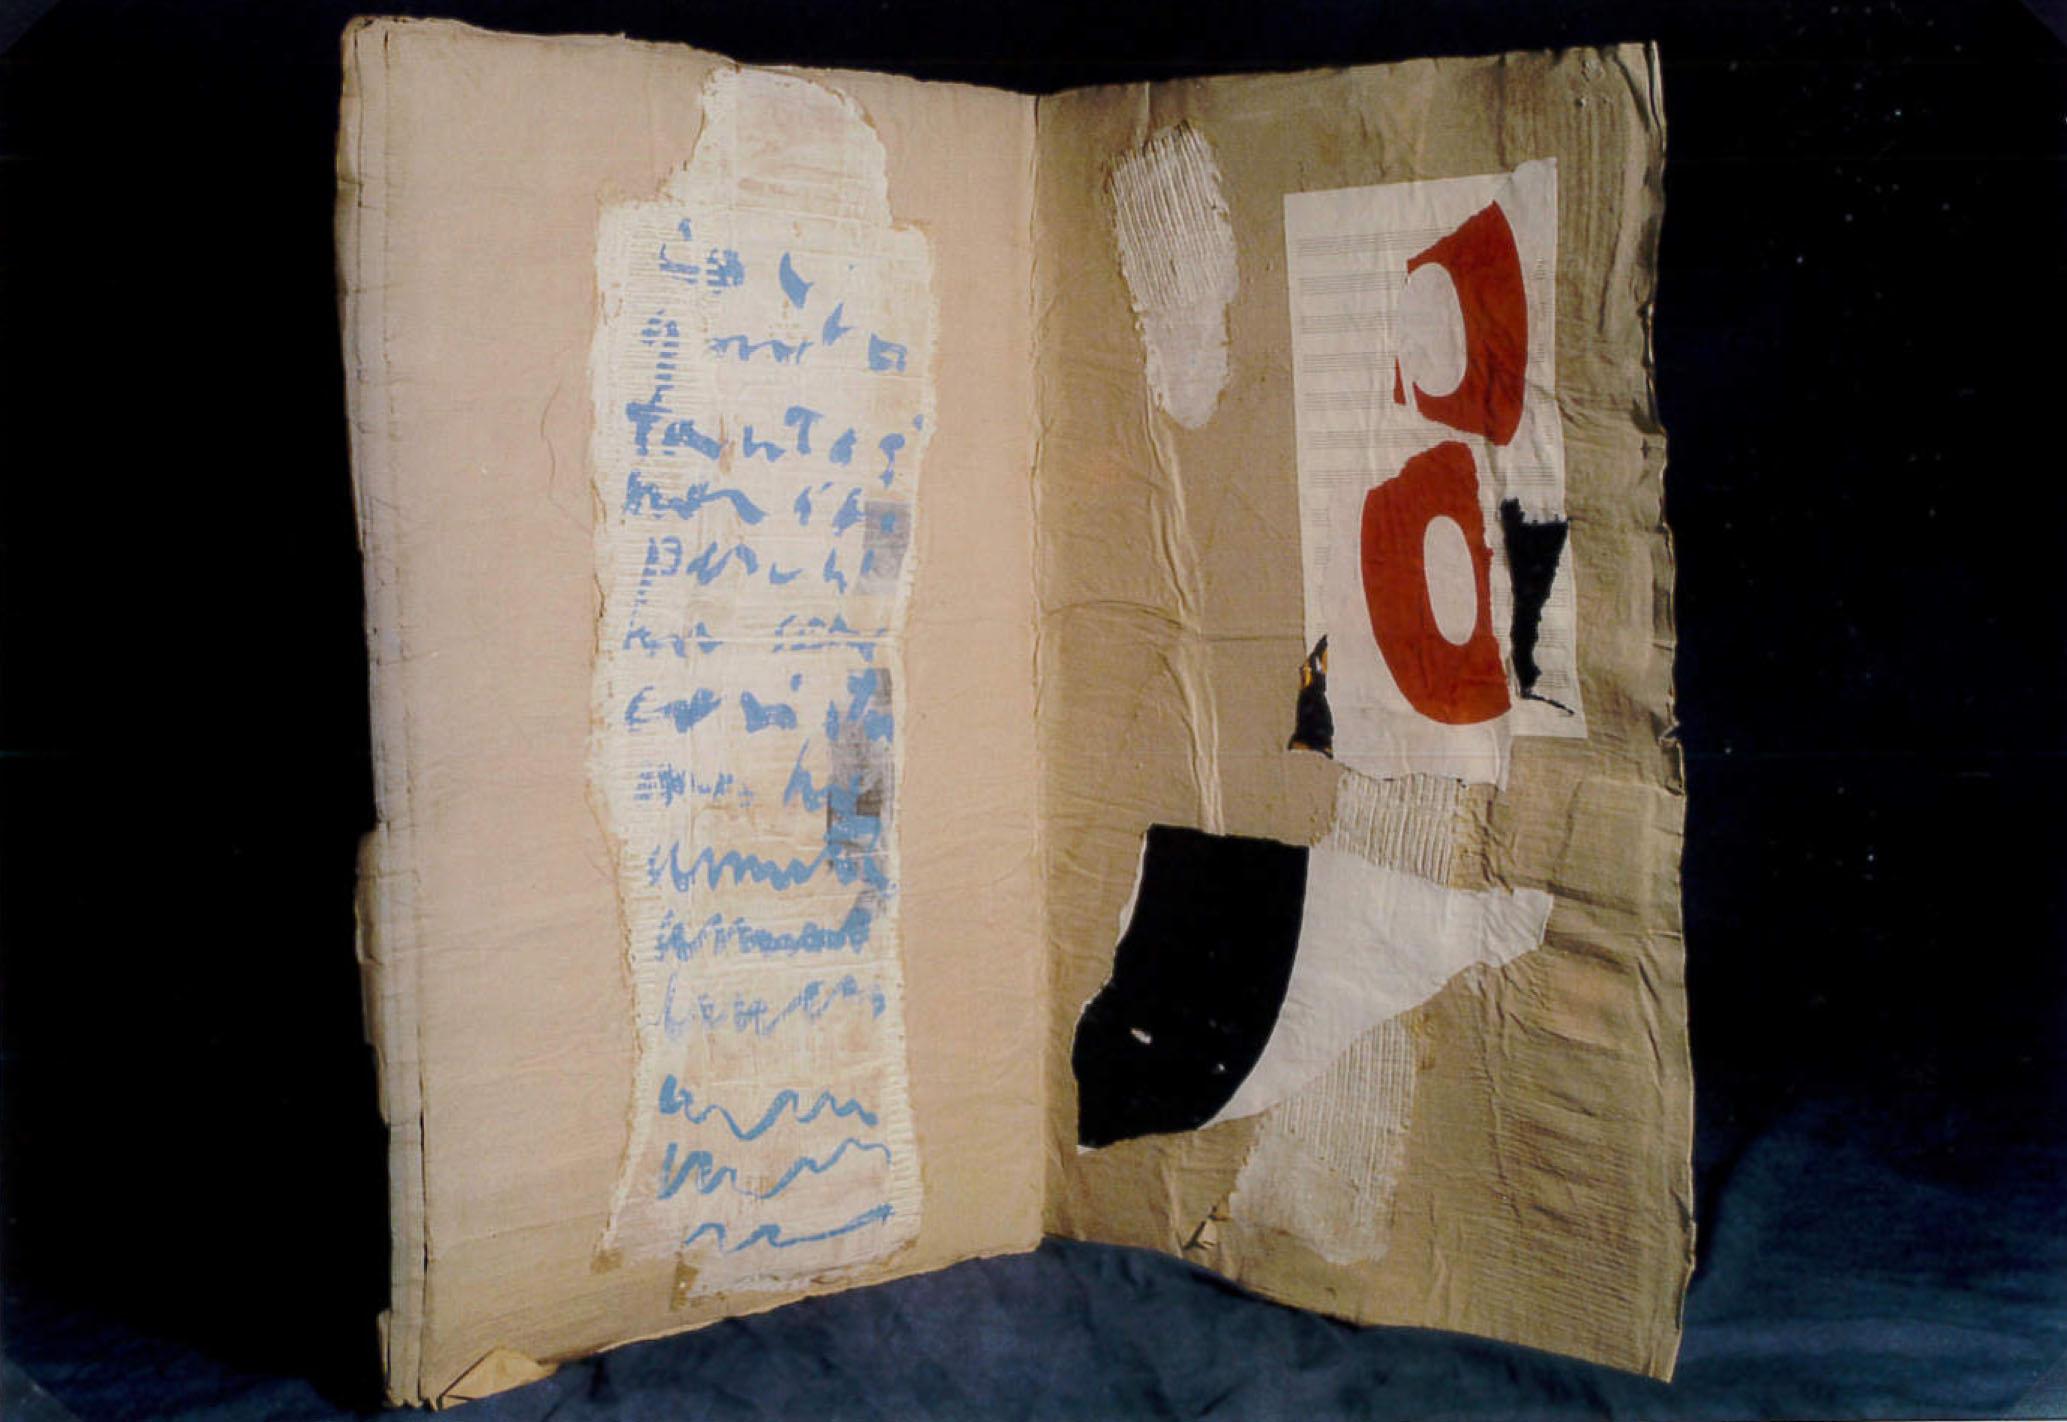 dodaro 1983 frammento di un discorso disperso